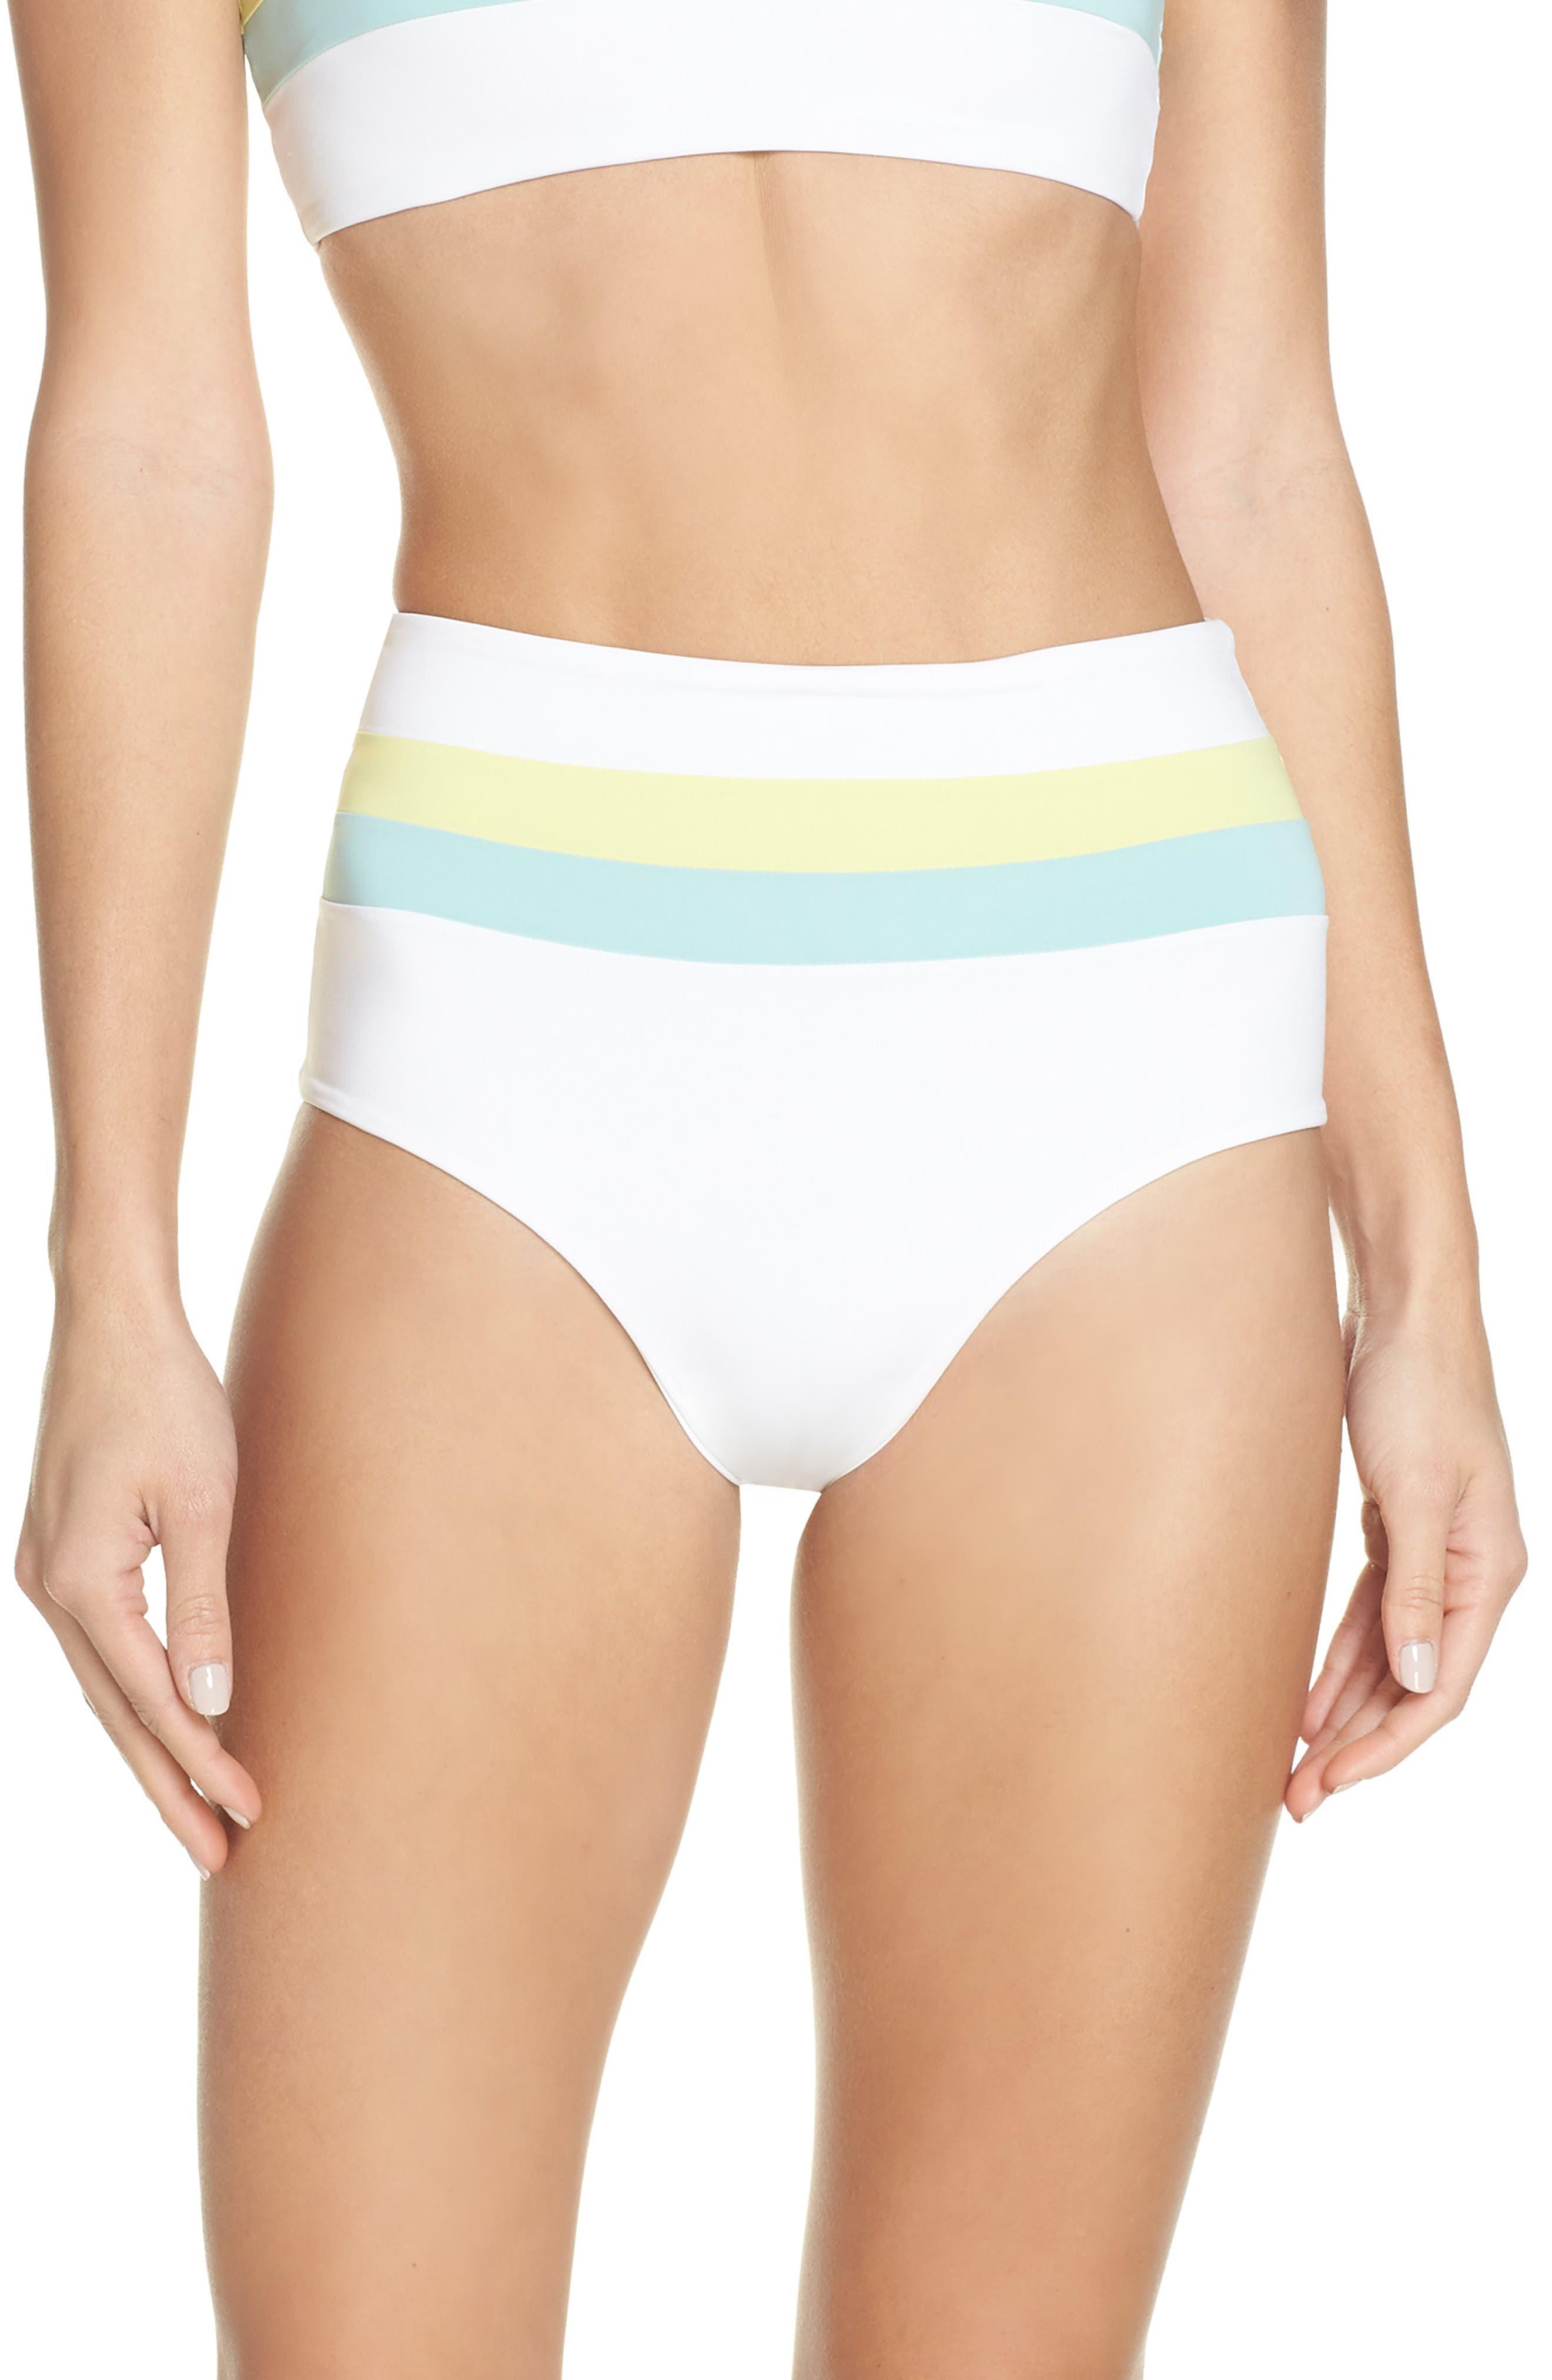 L SPACE,                             Portia Reversible High Waist Bikini Bottoms,                             Main thumbnail 1, color,                             WHITE/ LIGHT TURQ/ LEMONADE